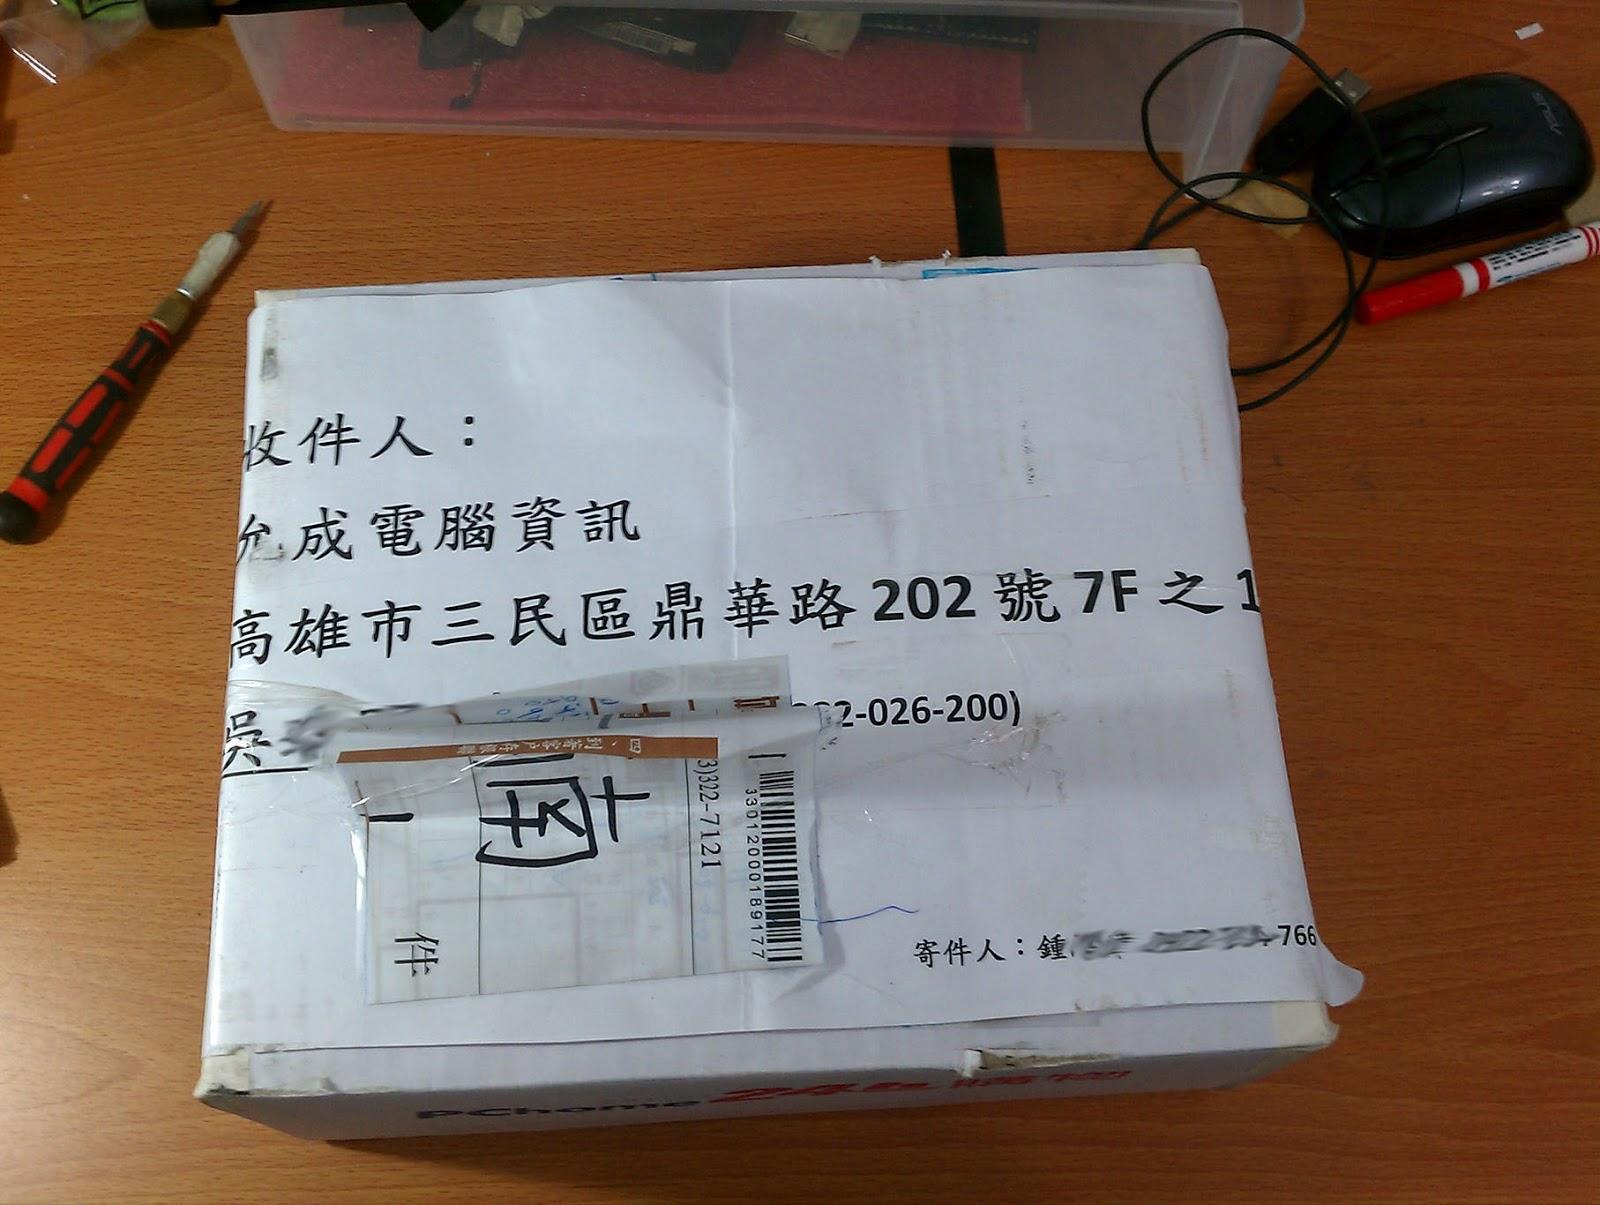 新竹鐘先生 imation 320GB 隨身硬碟資料救援 @ 允成電腦-高雄專業電腦維修研究中心 :: 痞客邦